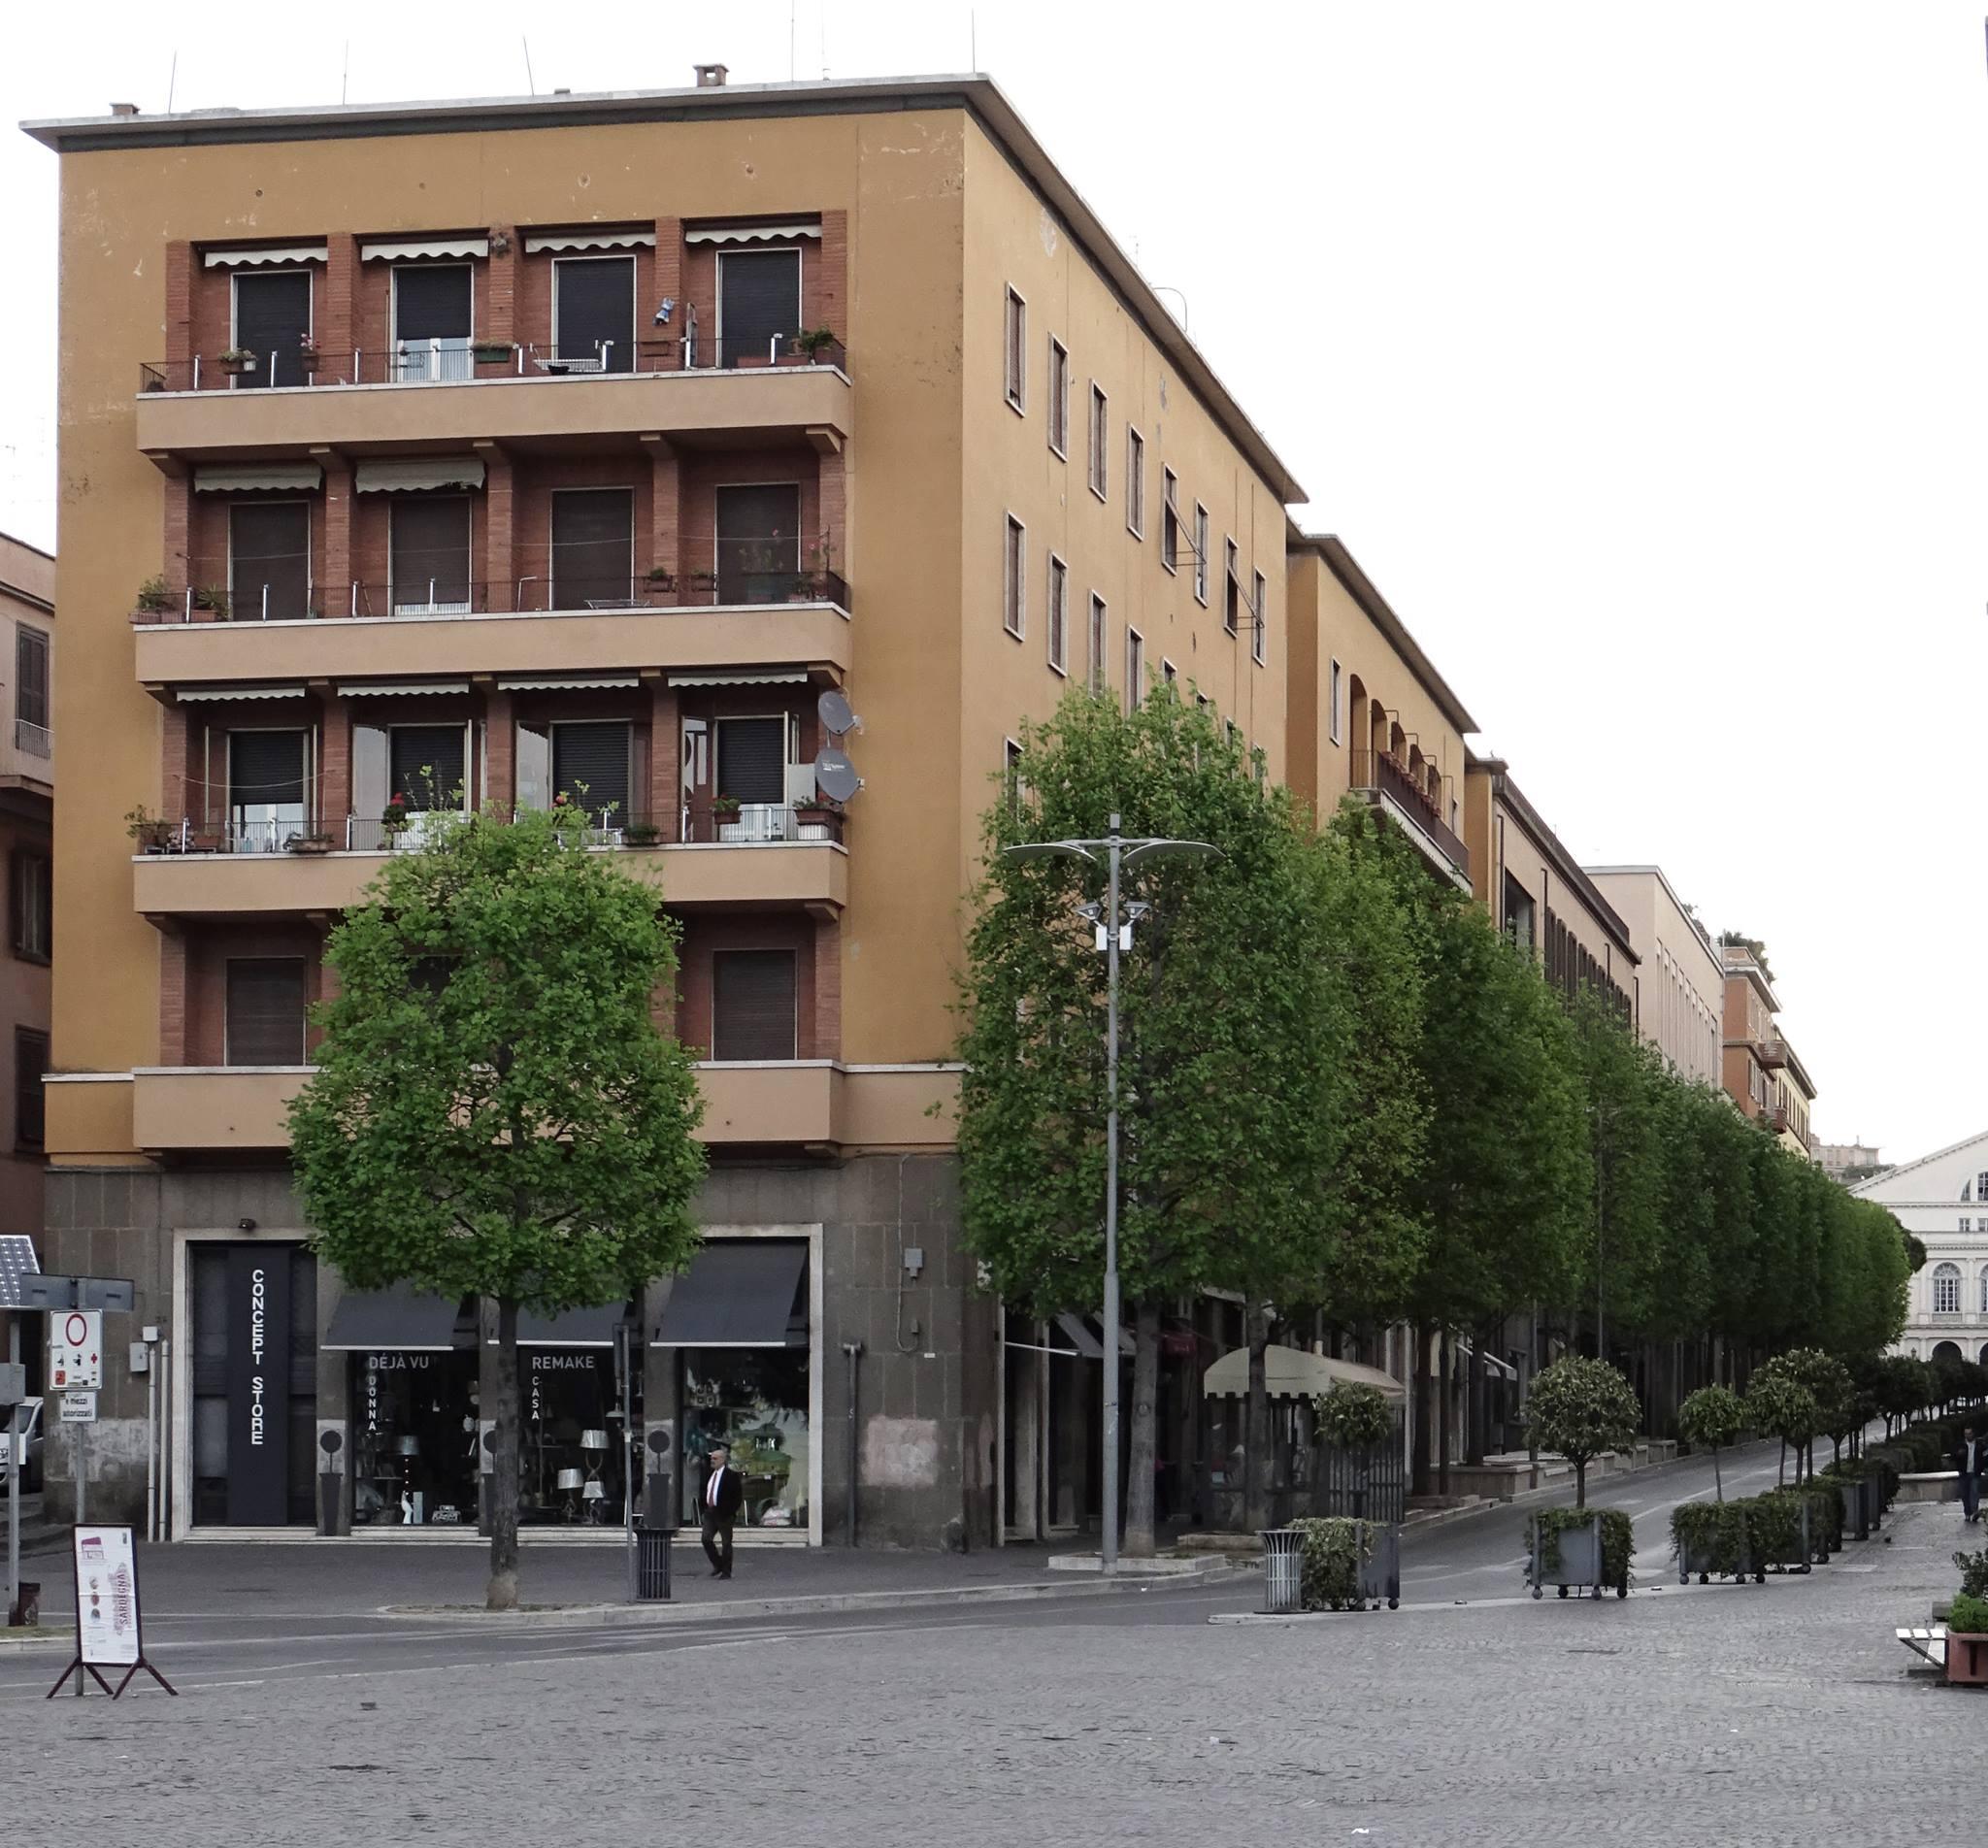 Percorsi urbani:  Via Marconi, l'asse che ricongiungerà il verde?